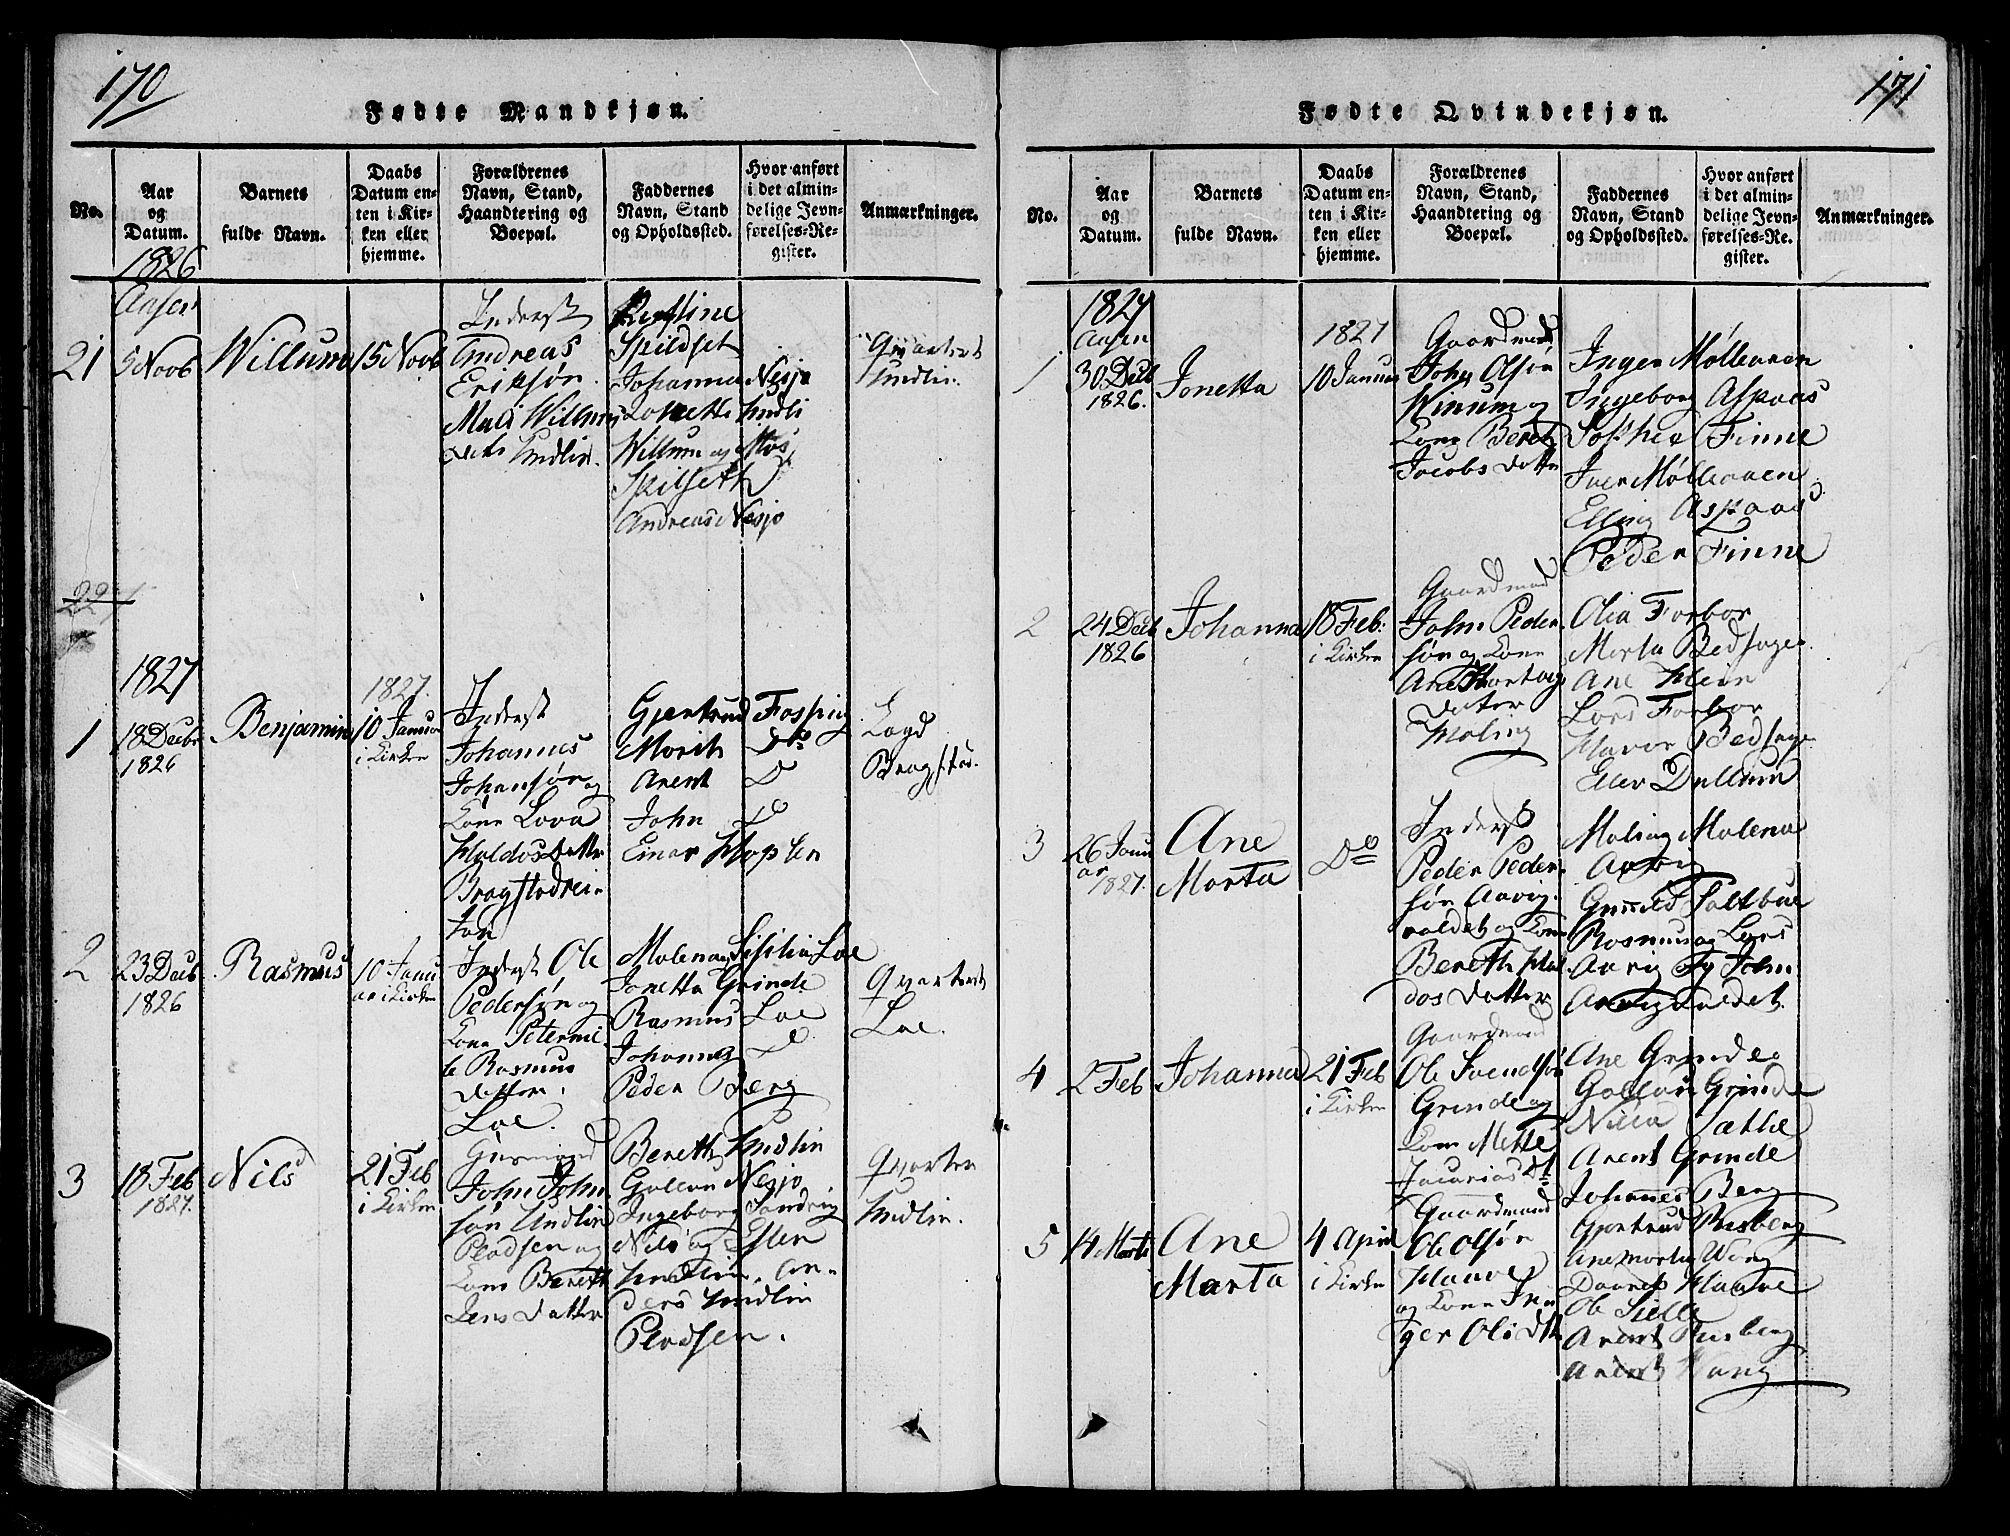 SAT, Ministerialprotokoller, klokkerbøker og fødselsregistre - Nord-Trøndelag, 713/L0112: Ministerialbok nr. 713A04 /2, 1817-1827, s. 170-171